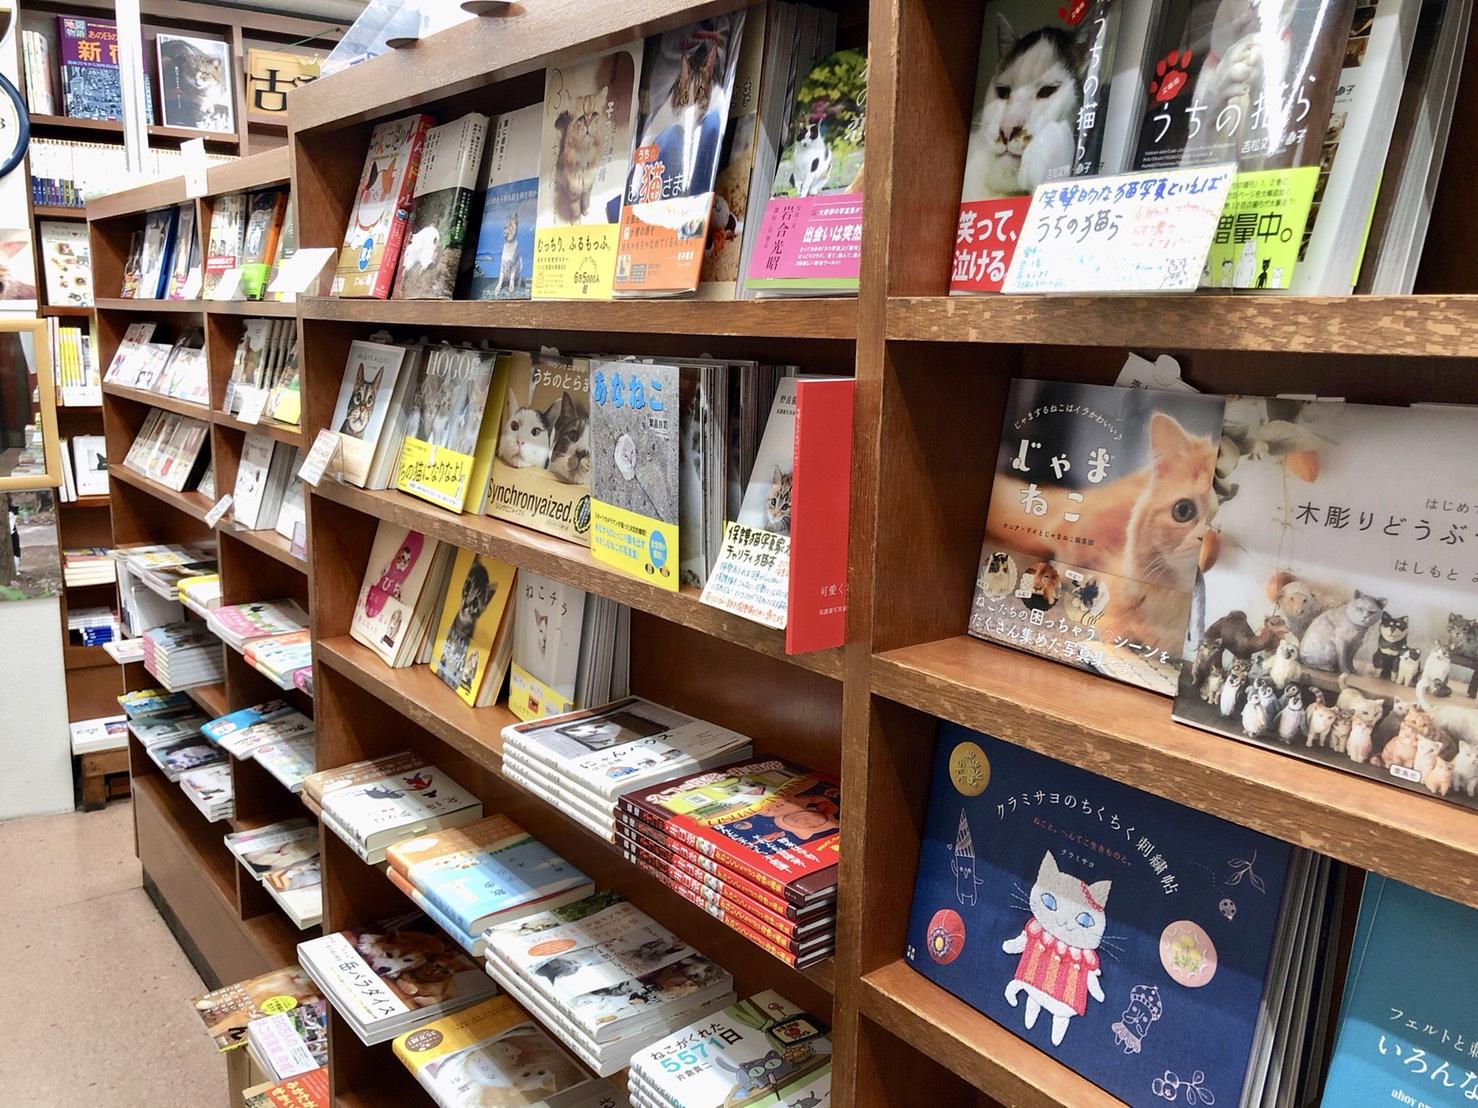 姉川書店(にゃんこ堂)店内